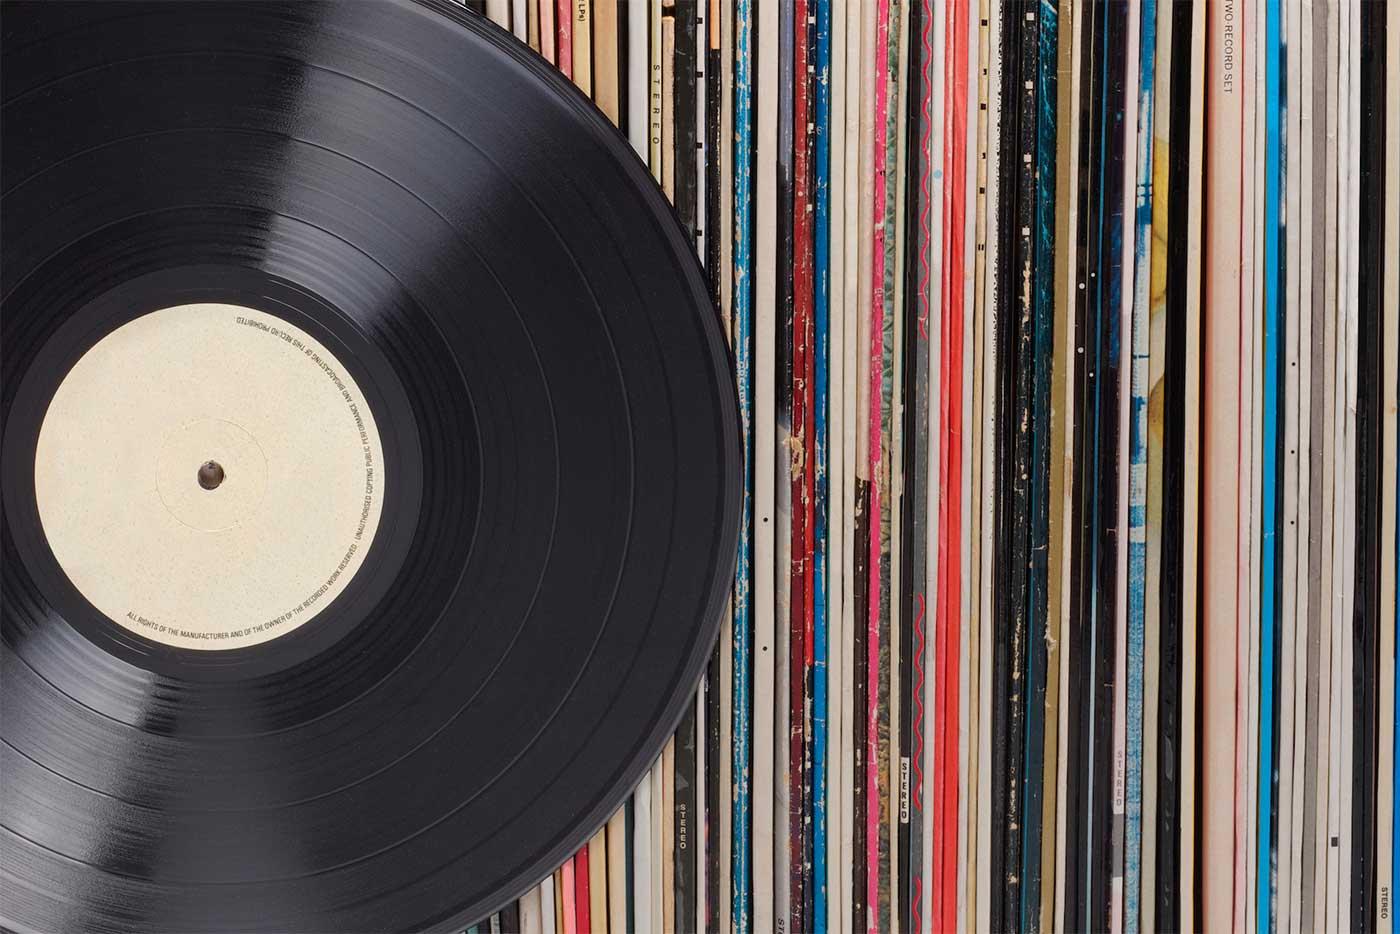 Georgia anima a apoyar a las tiendas de discos